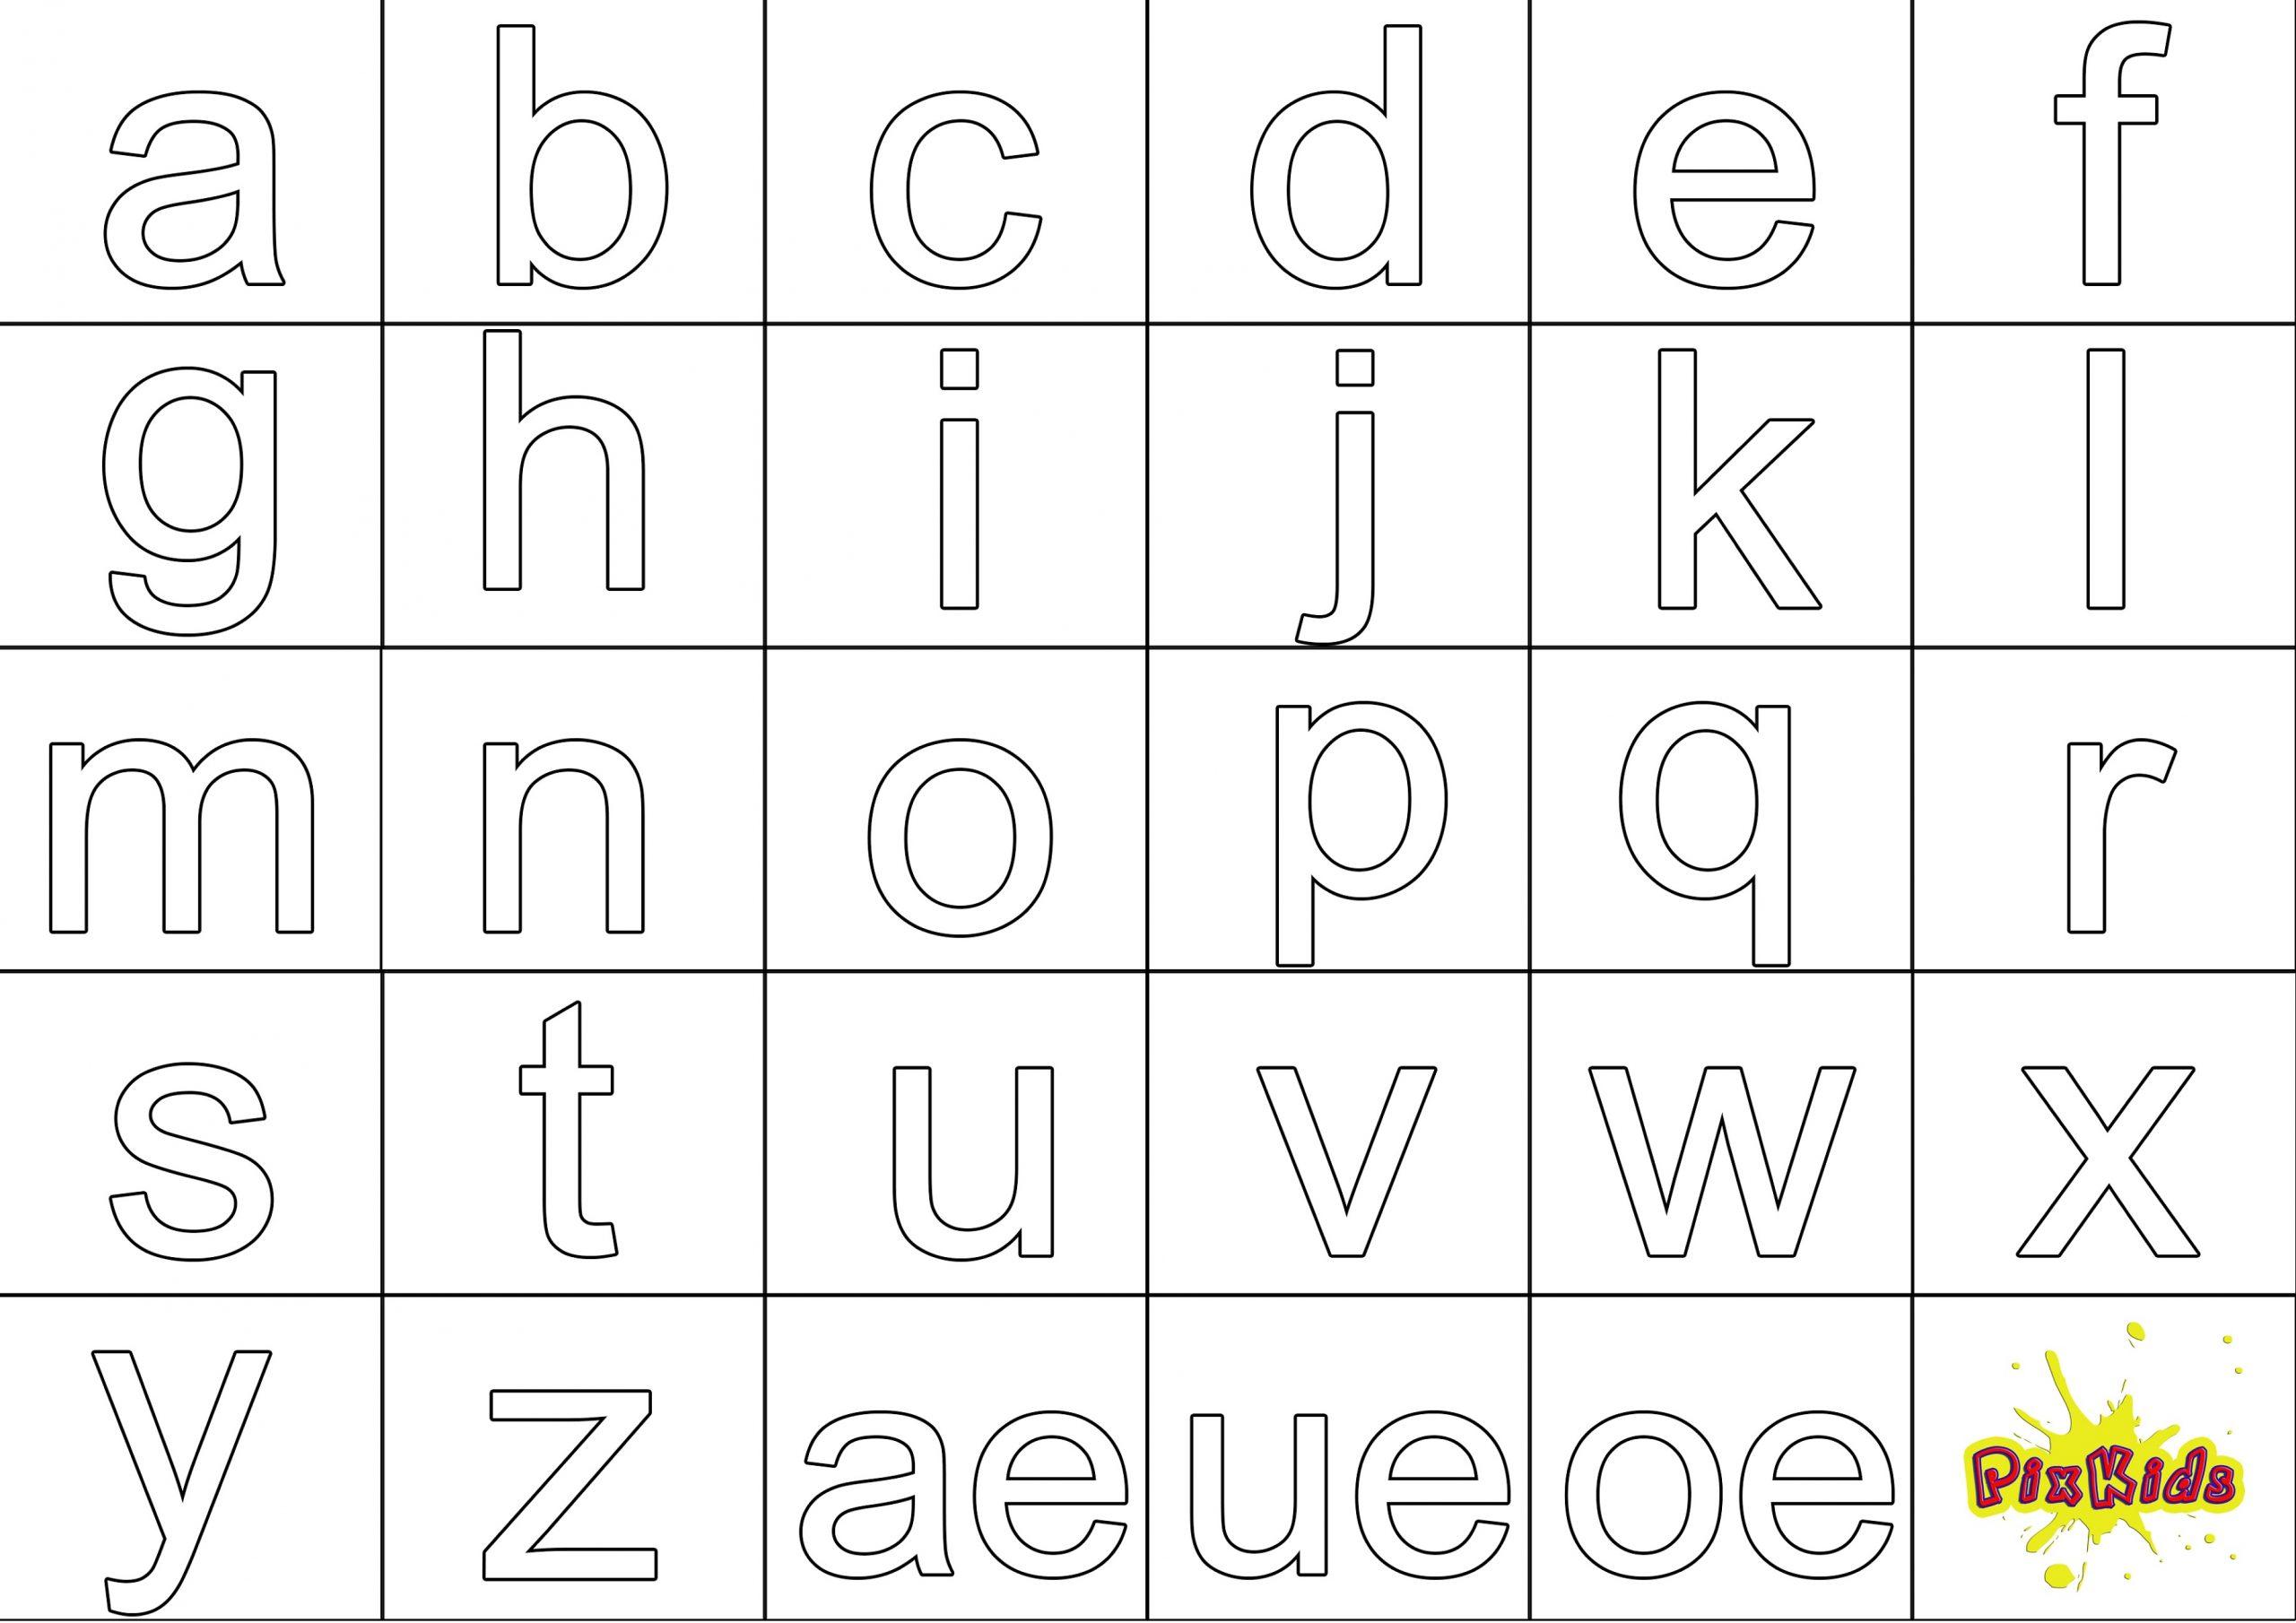 Ausmalbild Abc - Kostenlose Malvorlagen für Buchstaben Ausdrucken Gratis